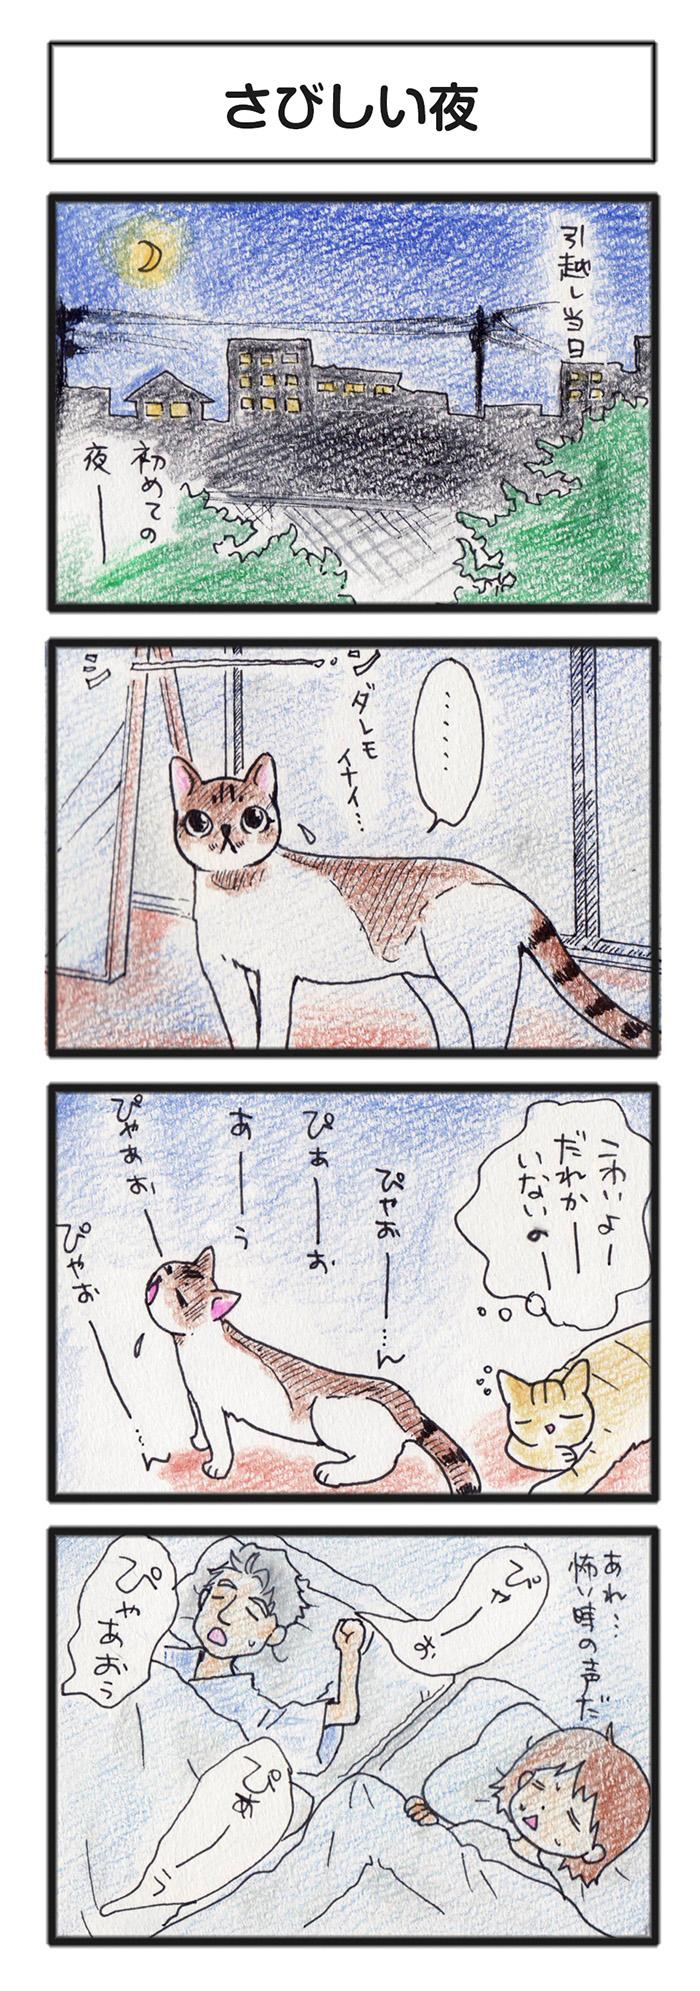 comic_4c_14101102.jpg